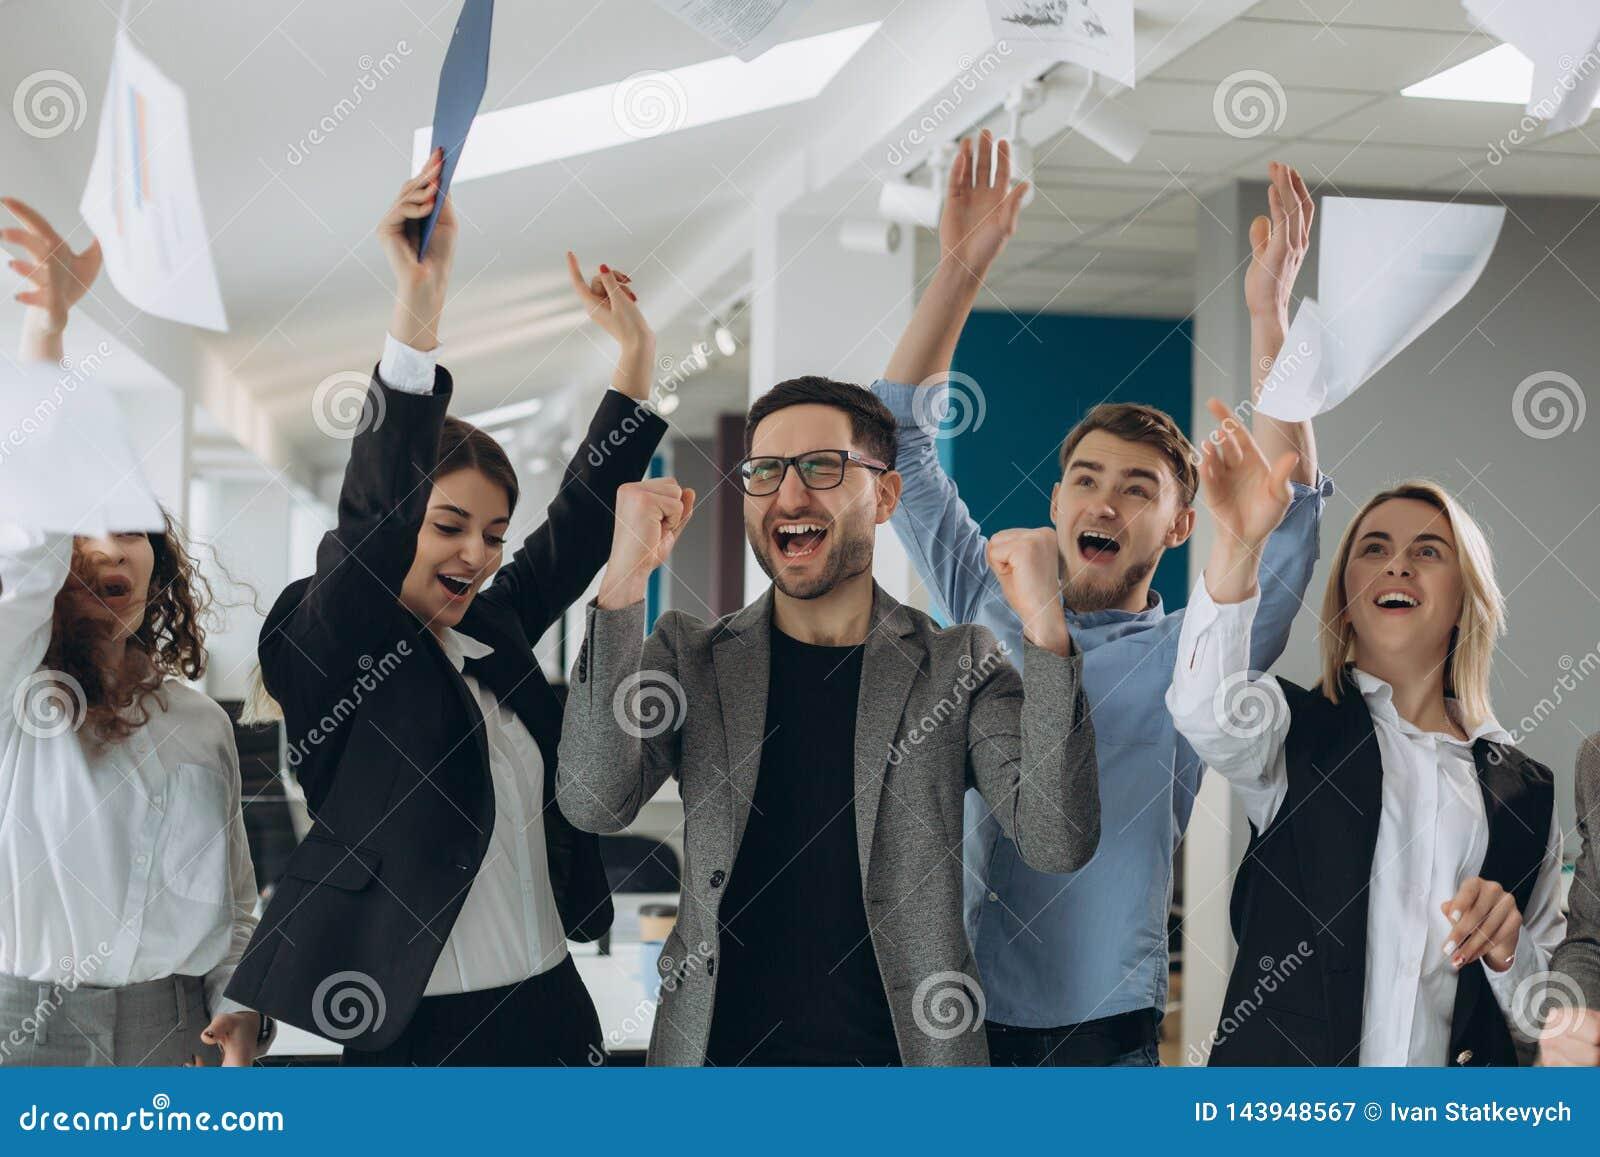 El grupo de hombres de negocios que celebran lanzando sus documentos comerciales y los documentos vuelan en el aire, poder de la